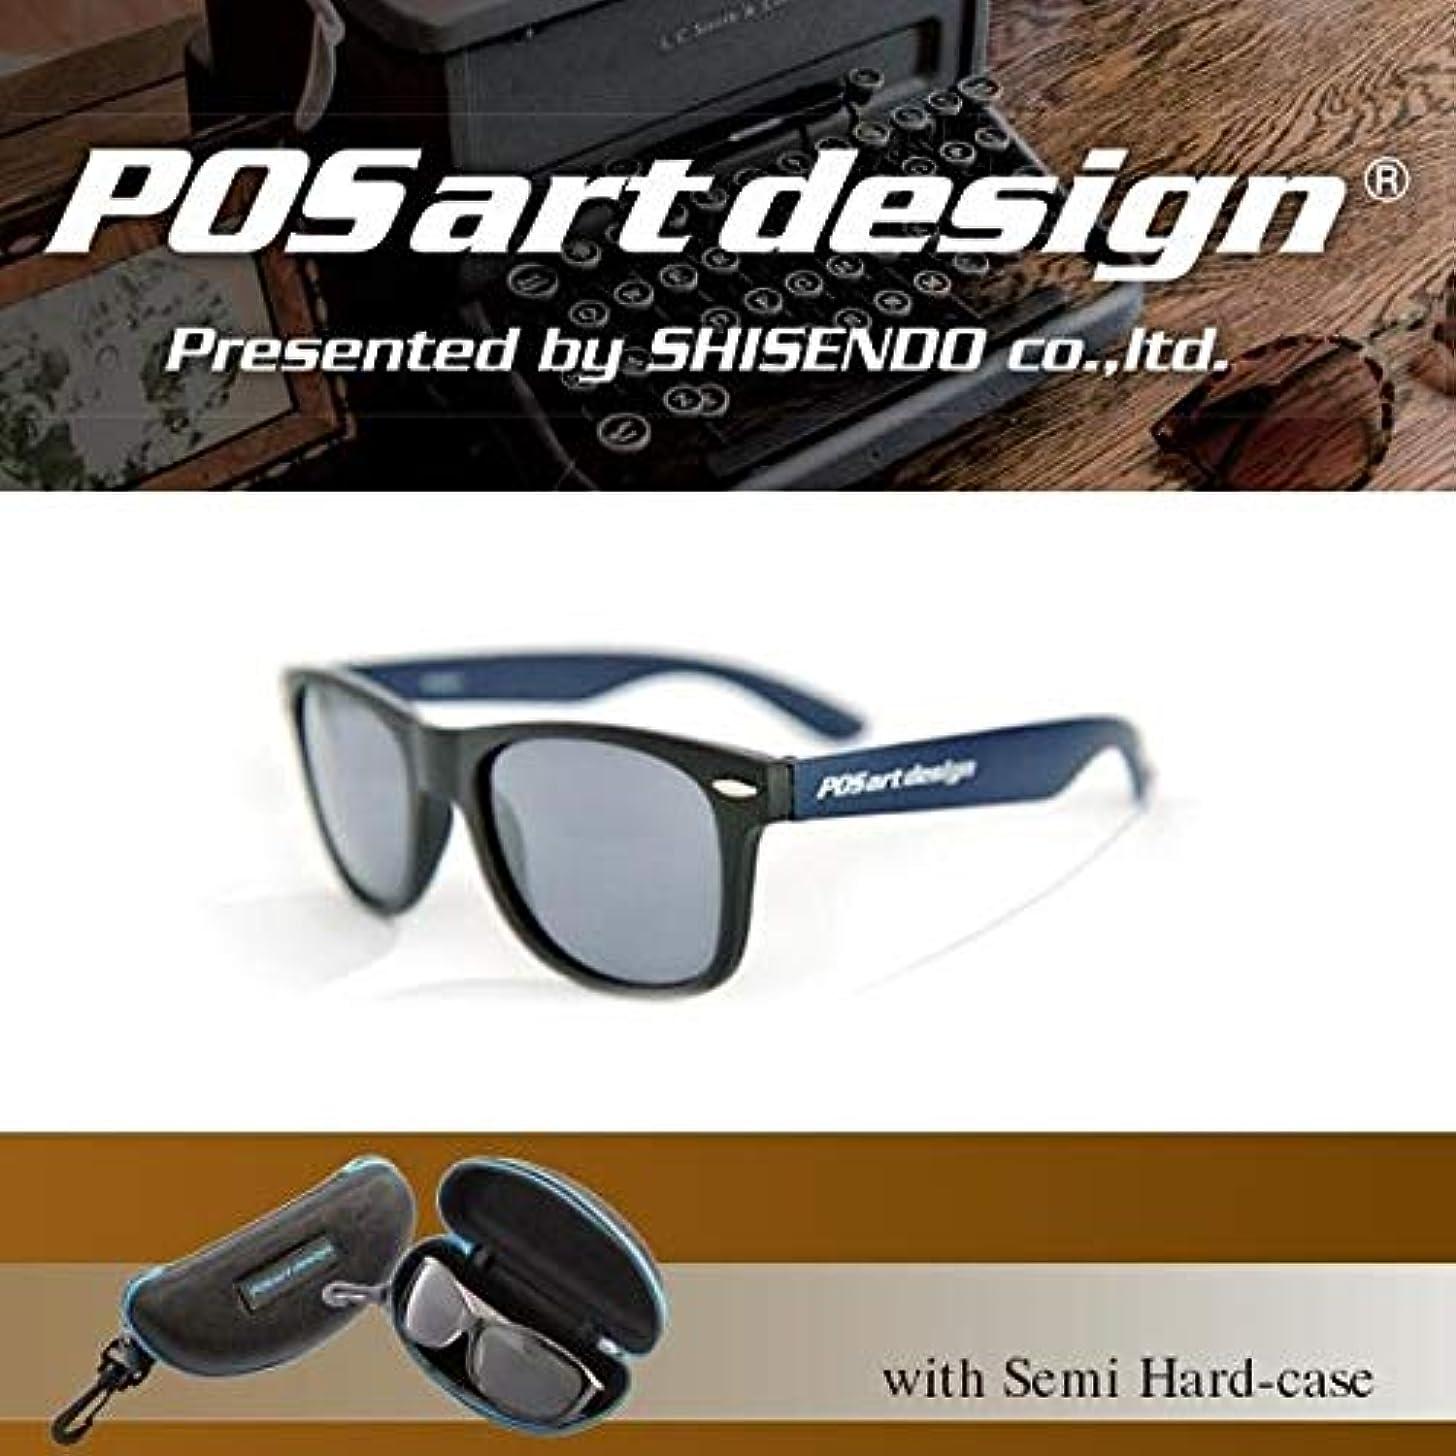 日付弱い動かすPOS art design サングラス Grayson(グレイソン) GS-3D マットブラック/マットダークブルー